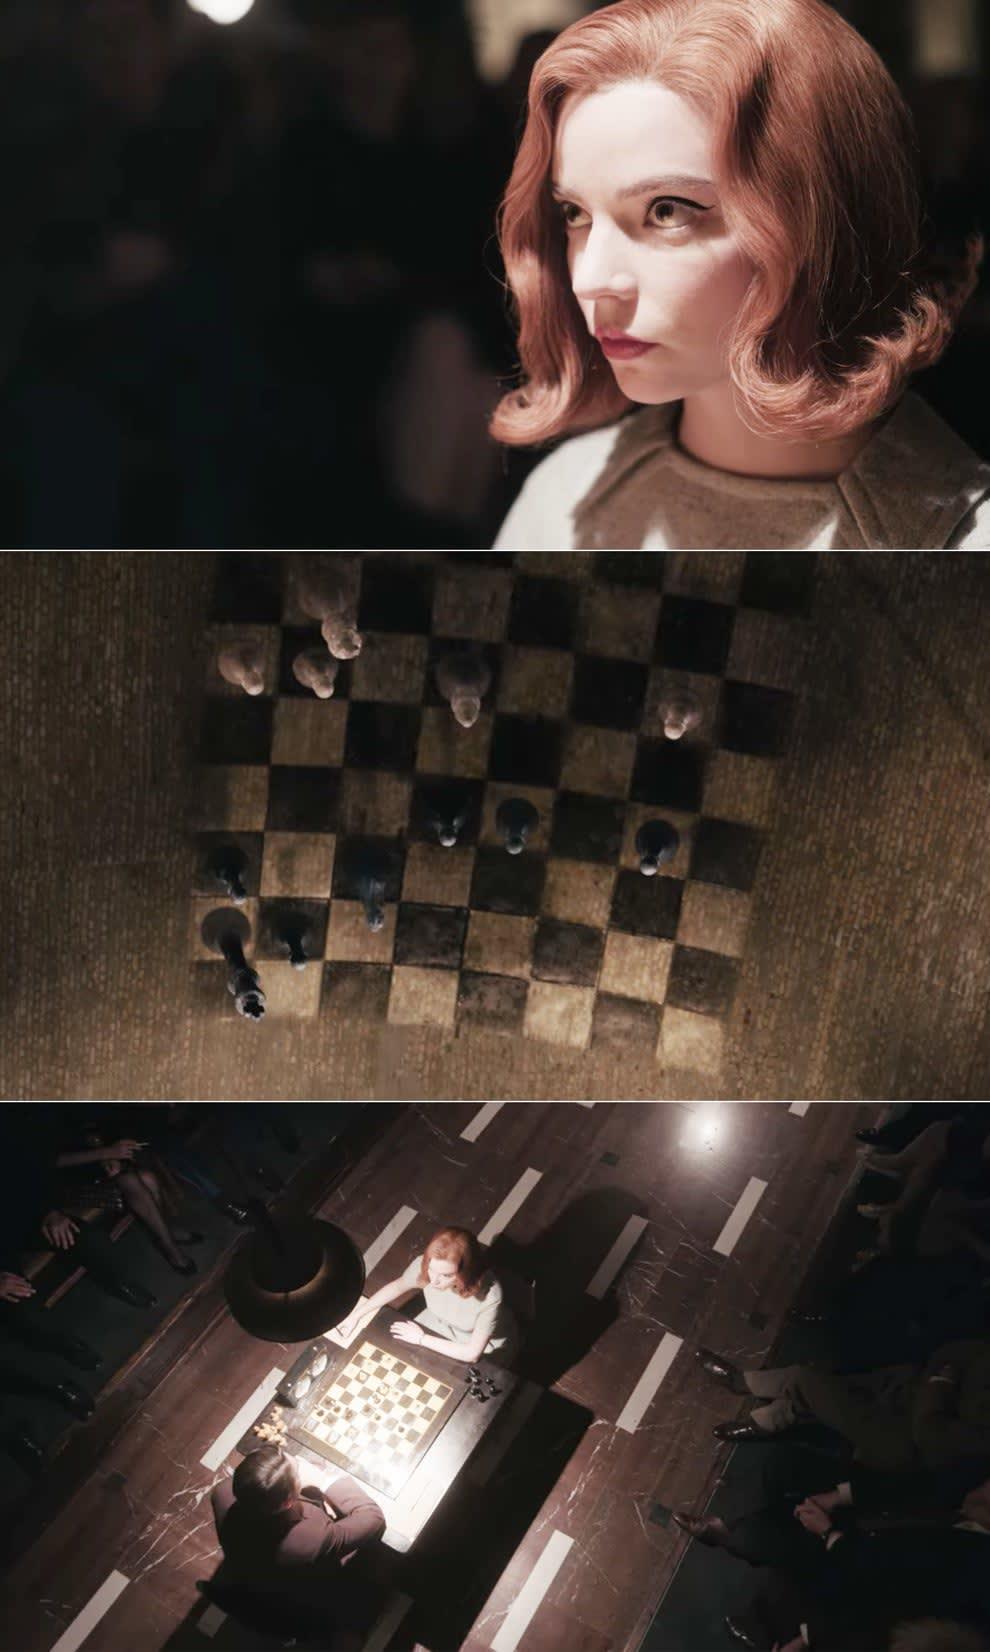 Beth visualizando um jogo de xadrez